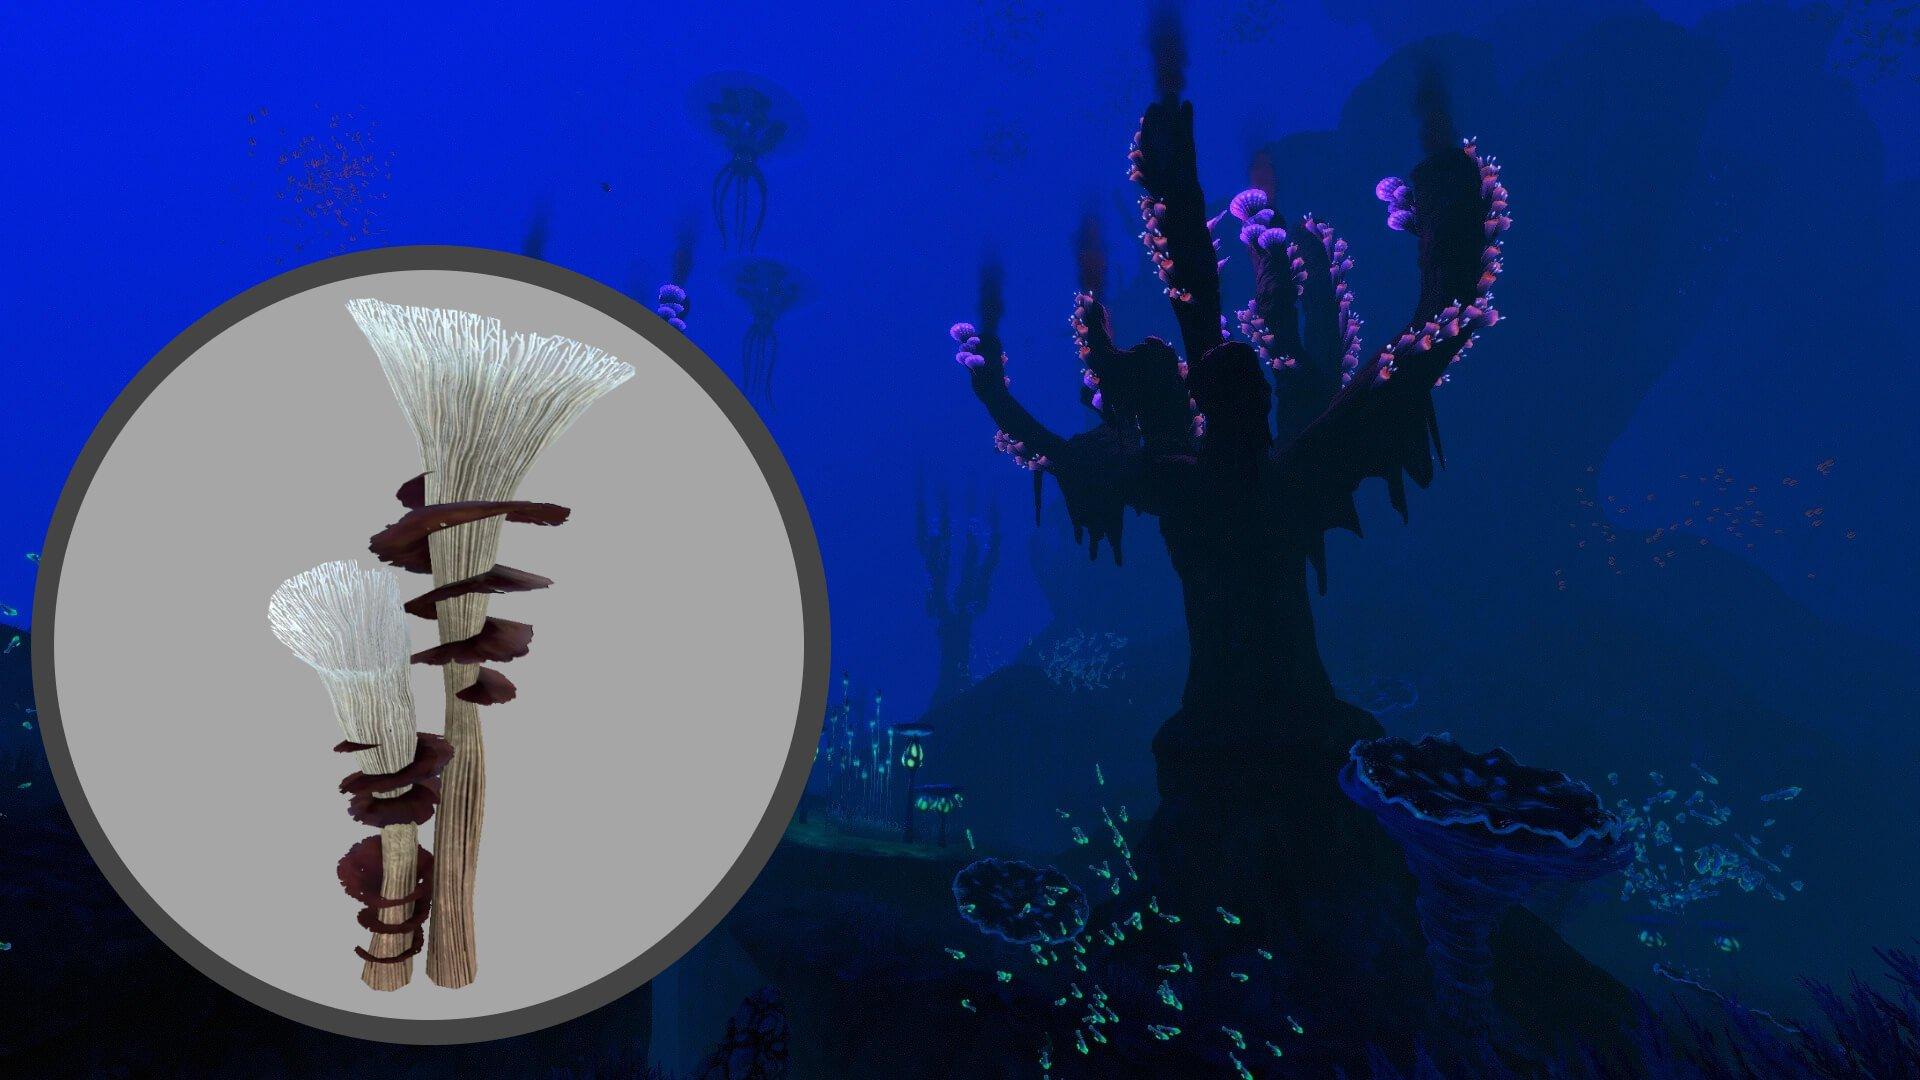 Subnautica: Below Zero - Where to Find Spiral Plants